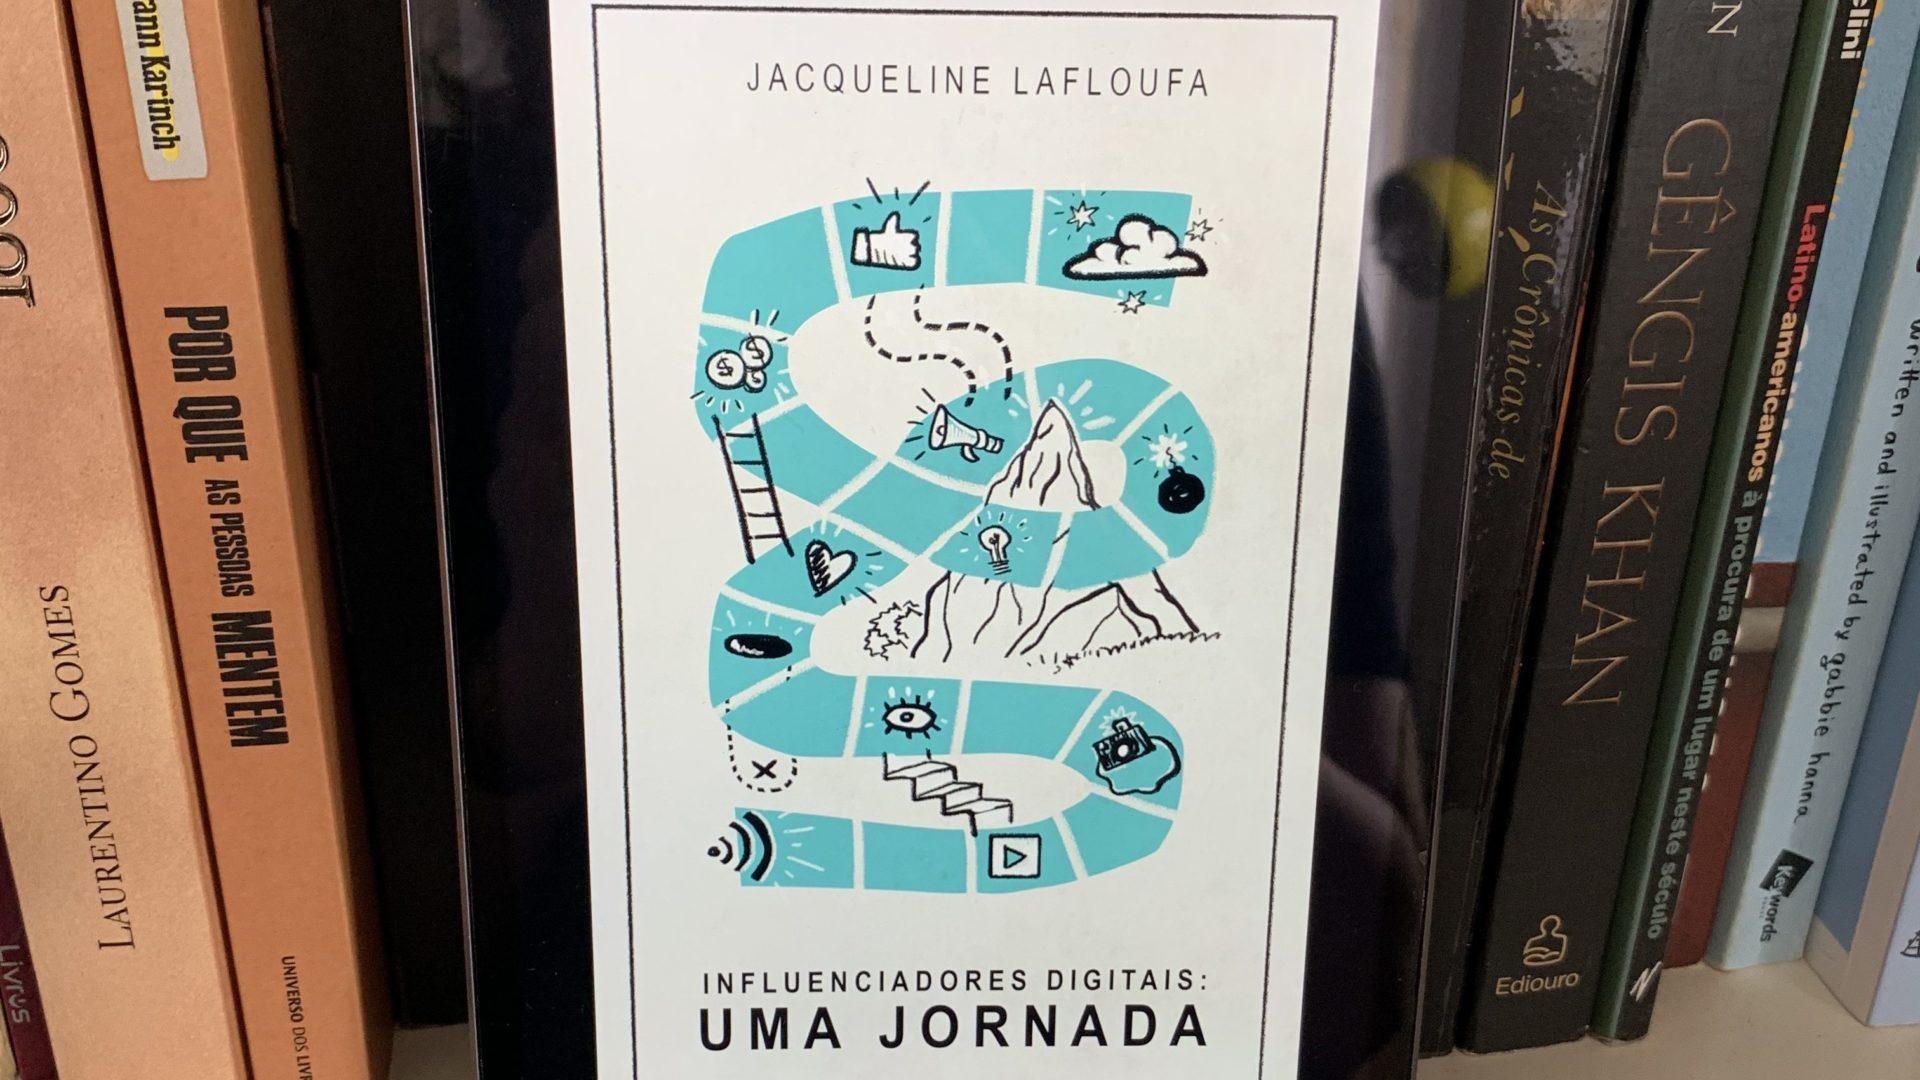 Jacqueline Lafloufa